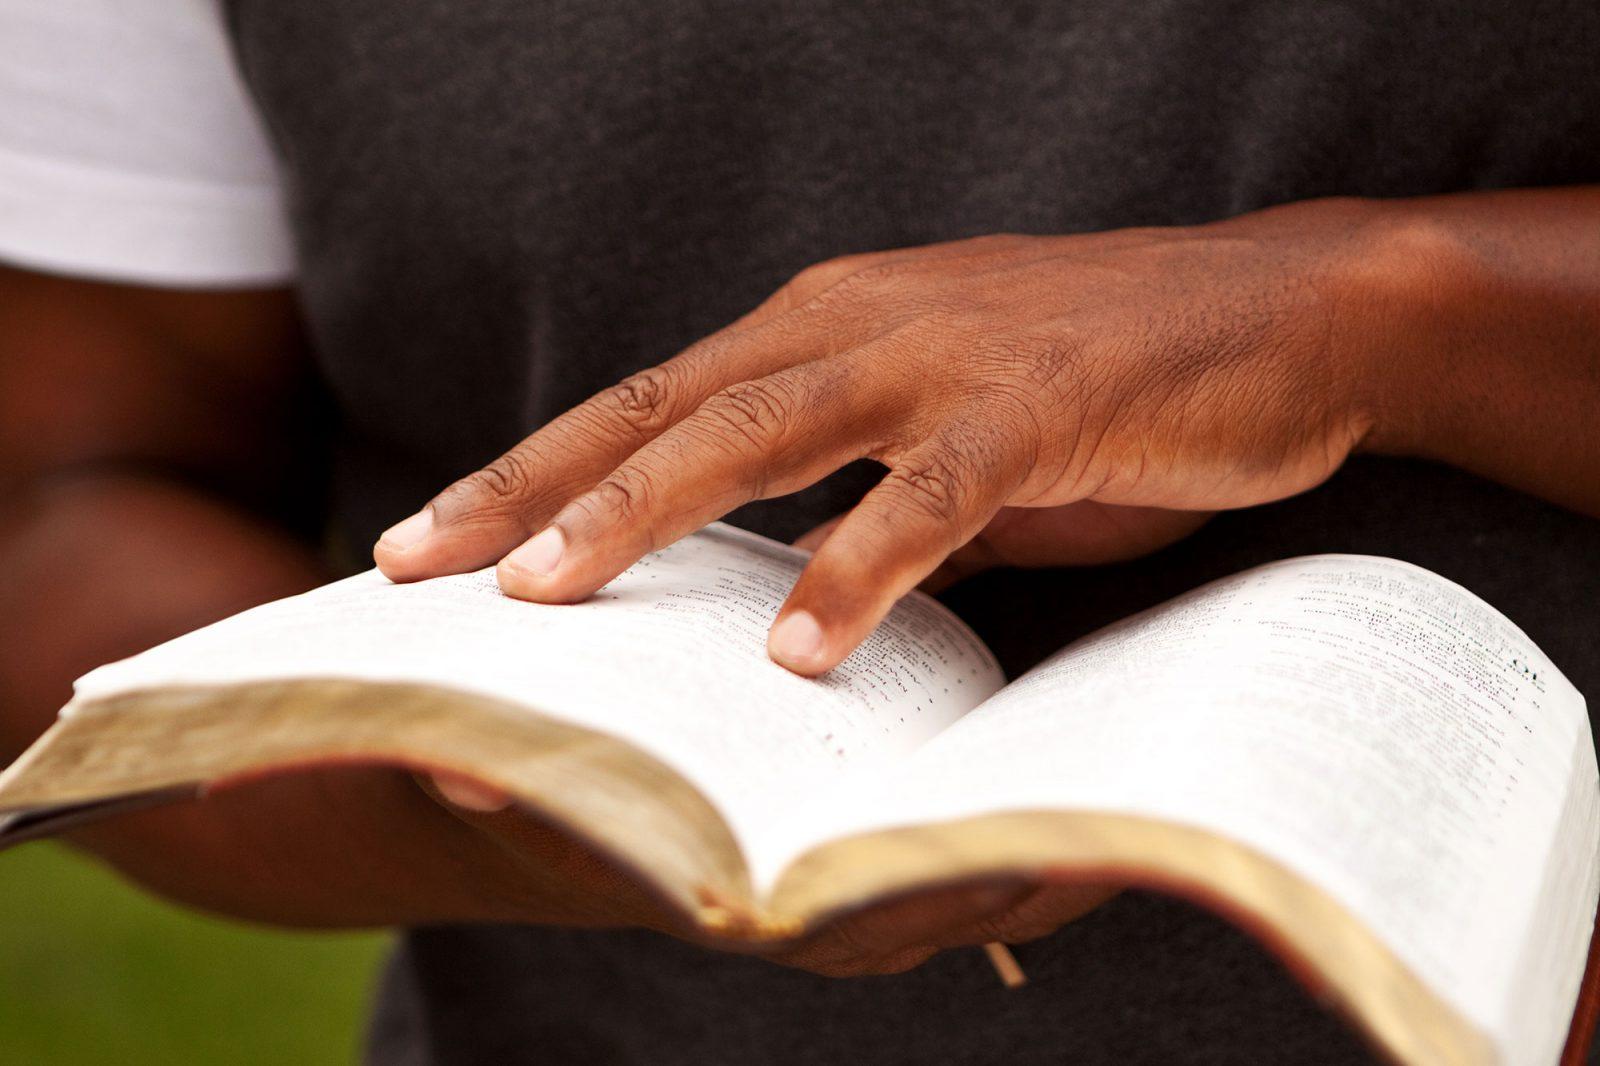 man-skimming-bible